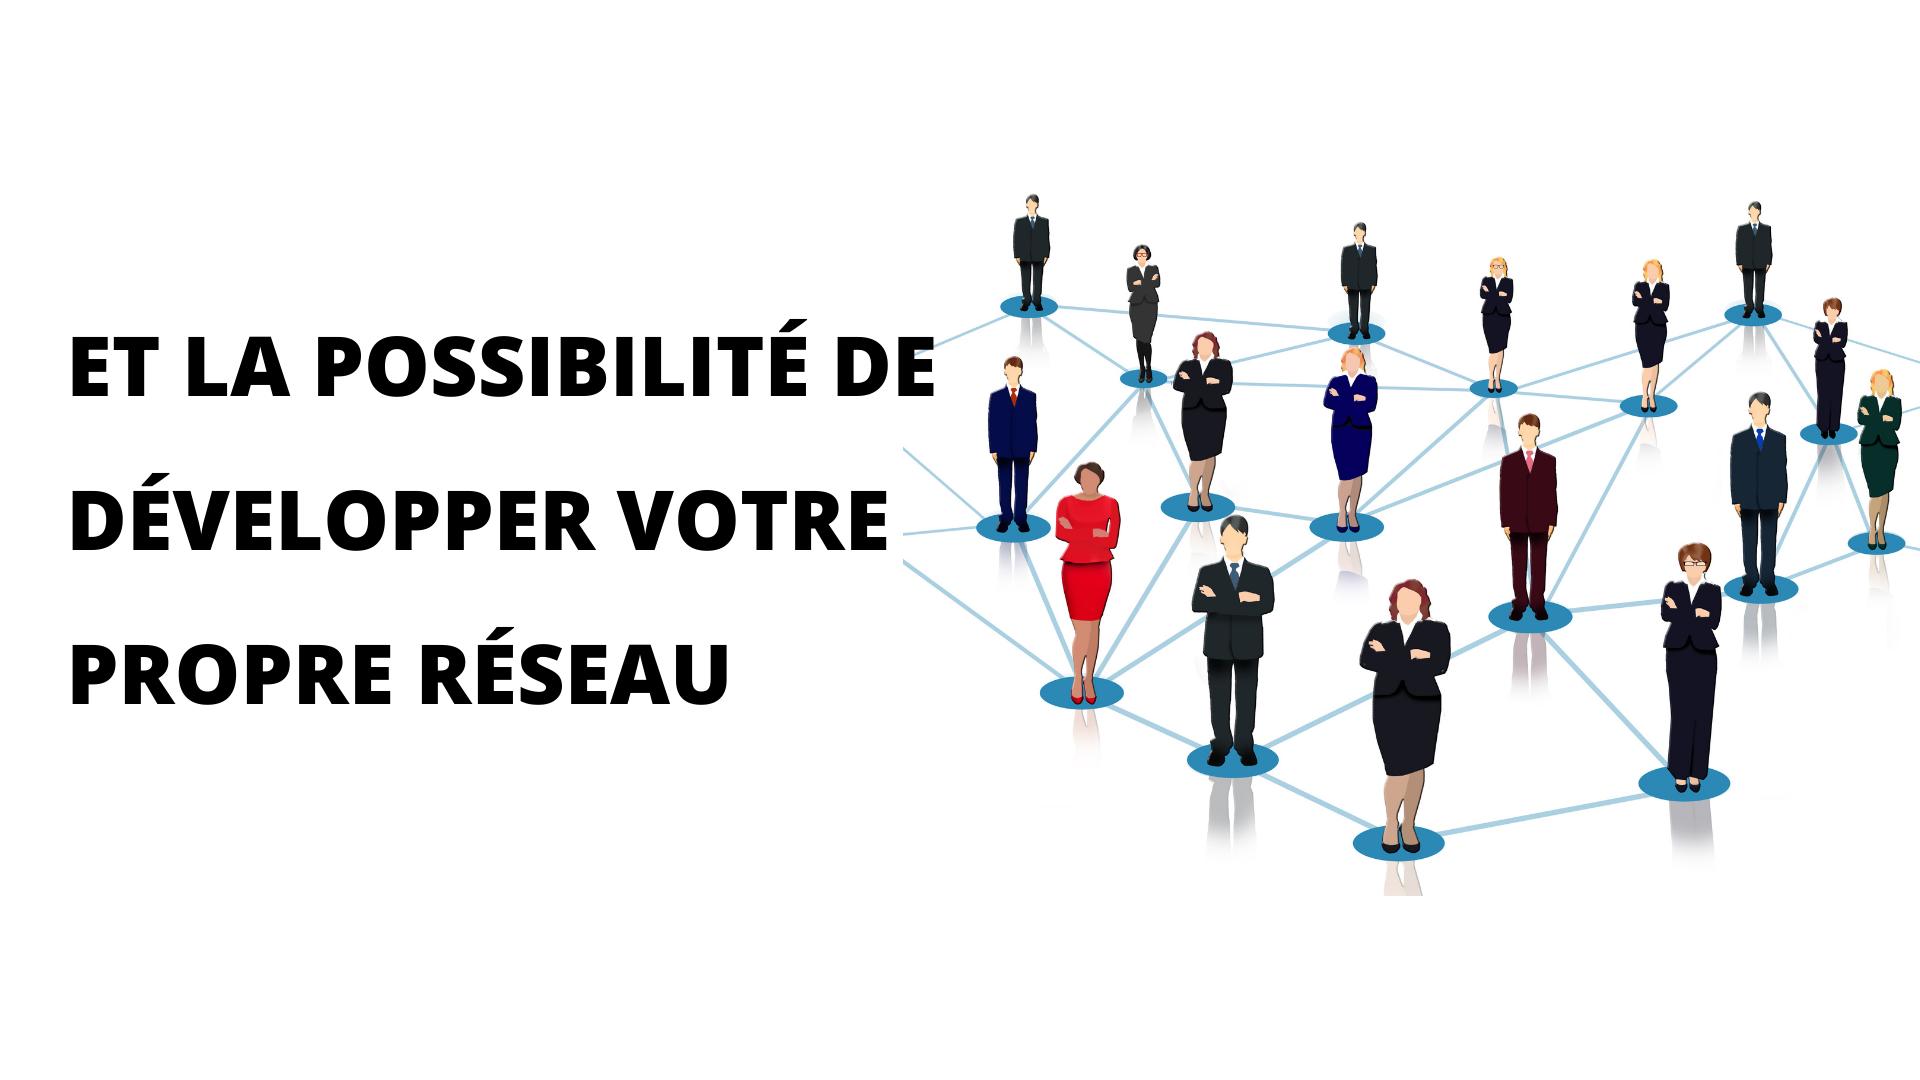 Il est possible de créer et développer son propre réseau et de bénéficier ainsi des fruits du développement de Weezhome partout en France